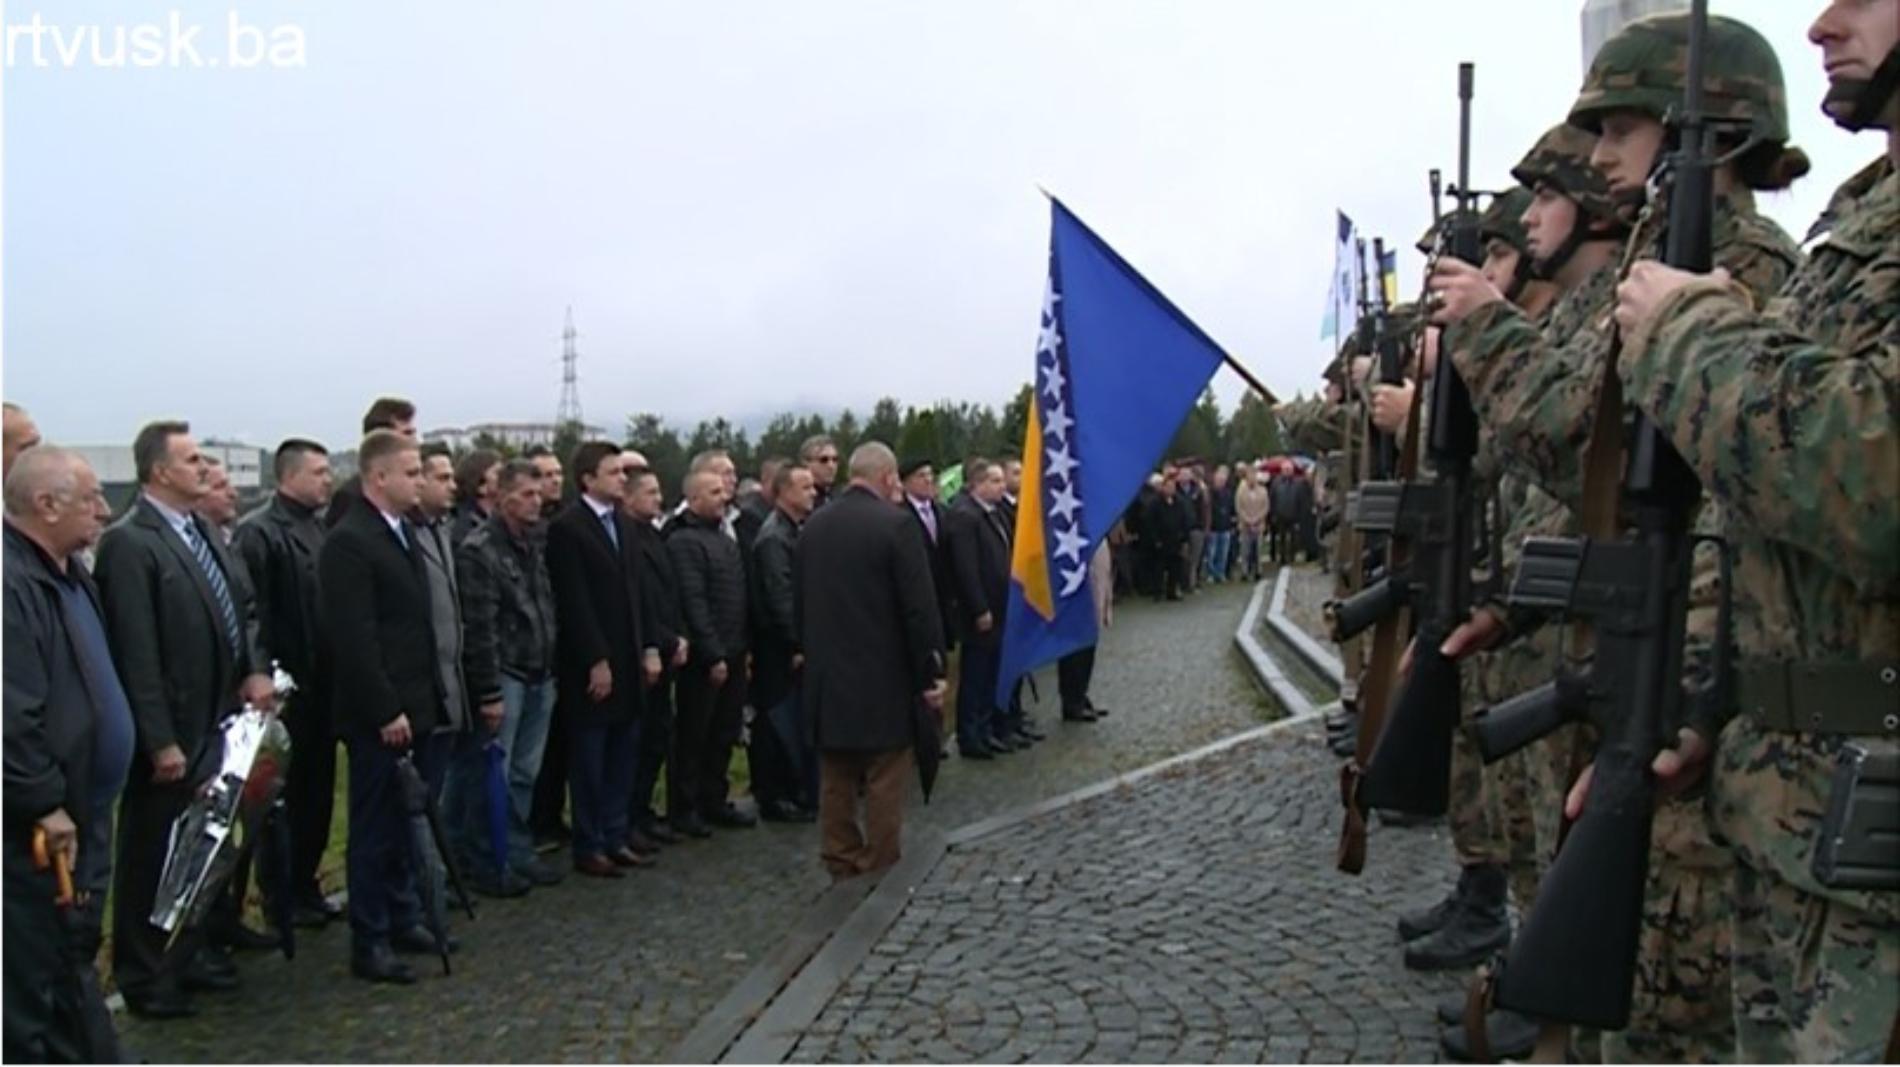 Pobjednički Peti korpus bio  respektabilna vojna sila